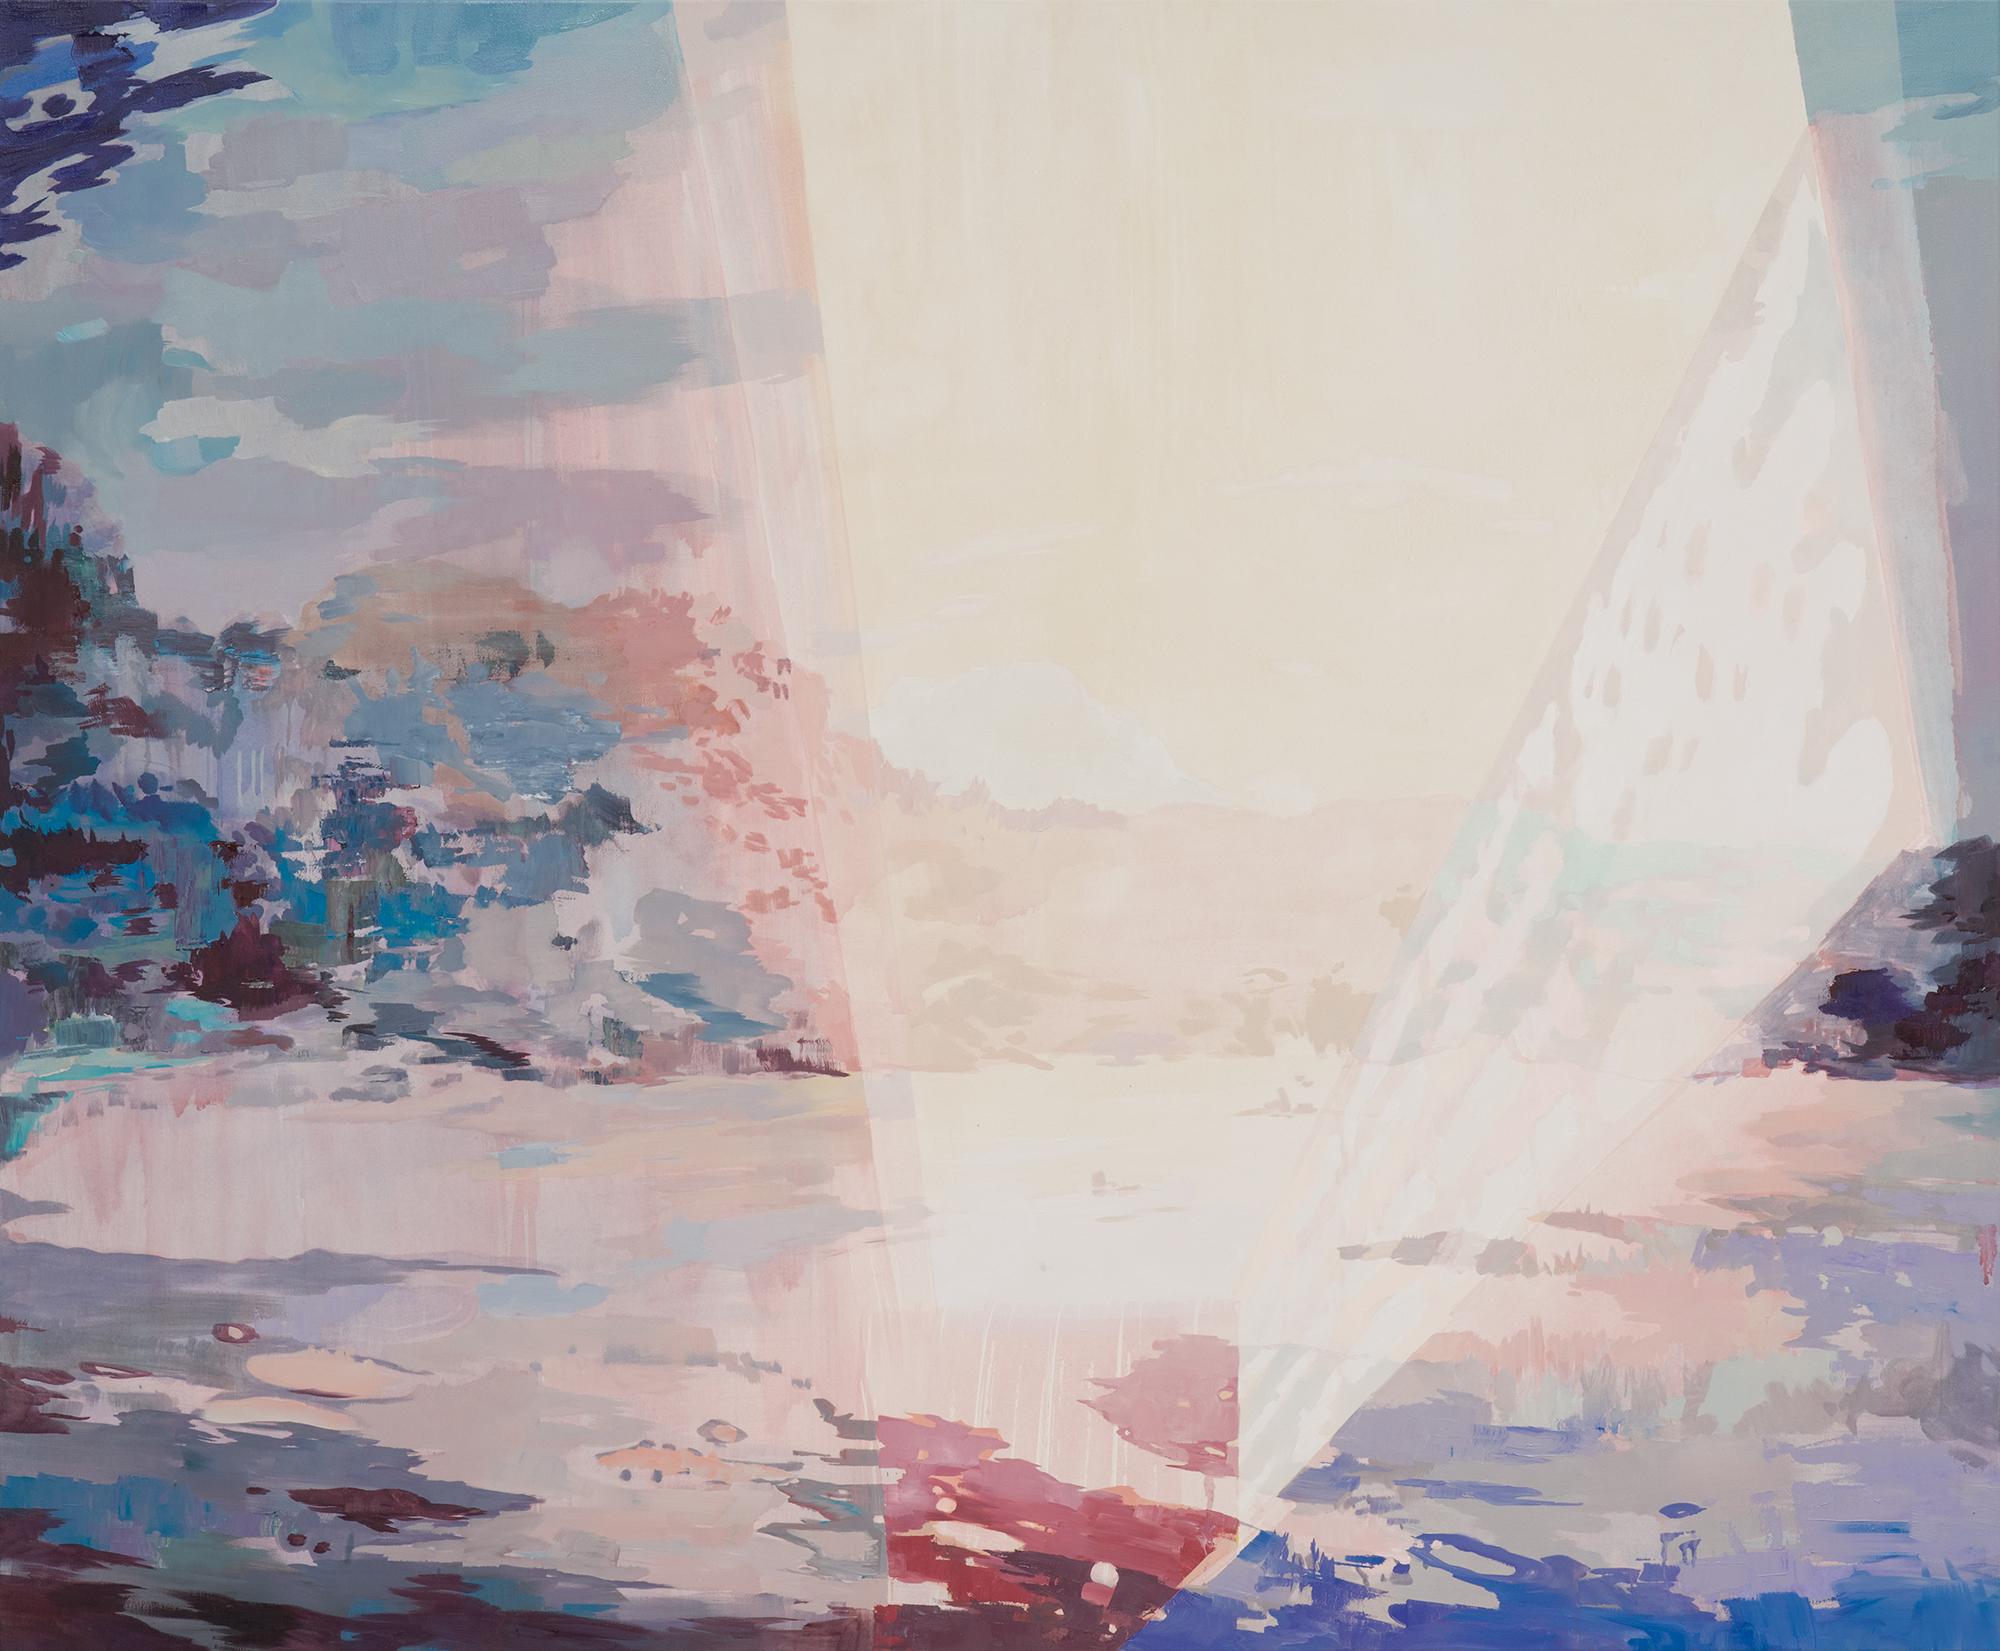 Velvet, 2014, 140 x 170 cm, oil on canvas